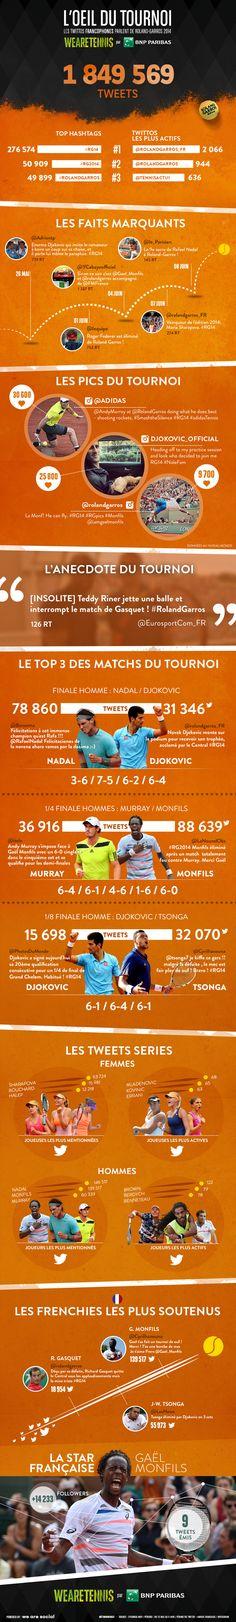 INFOGRAPHIE: Roland Garros sur Twitter